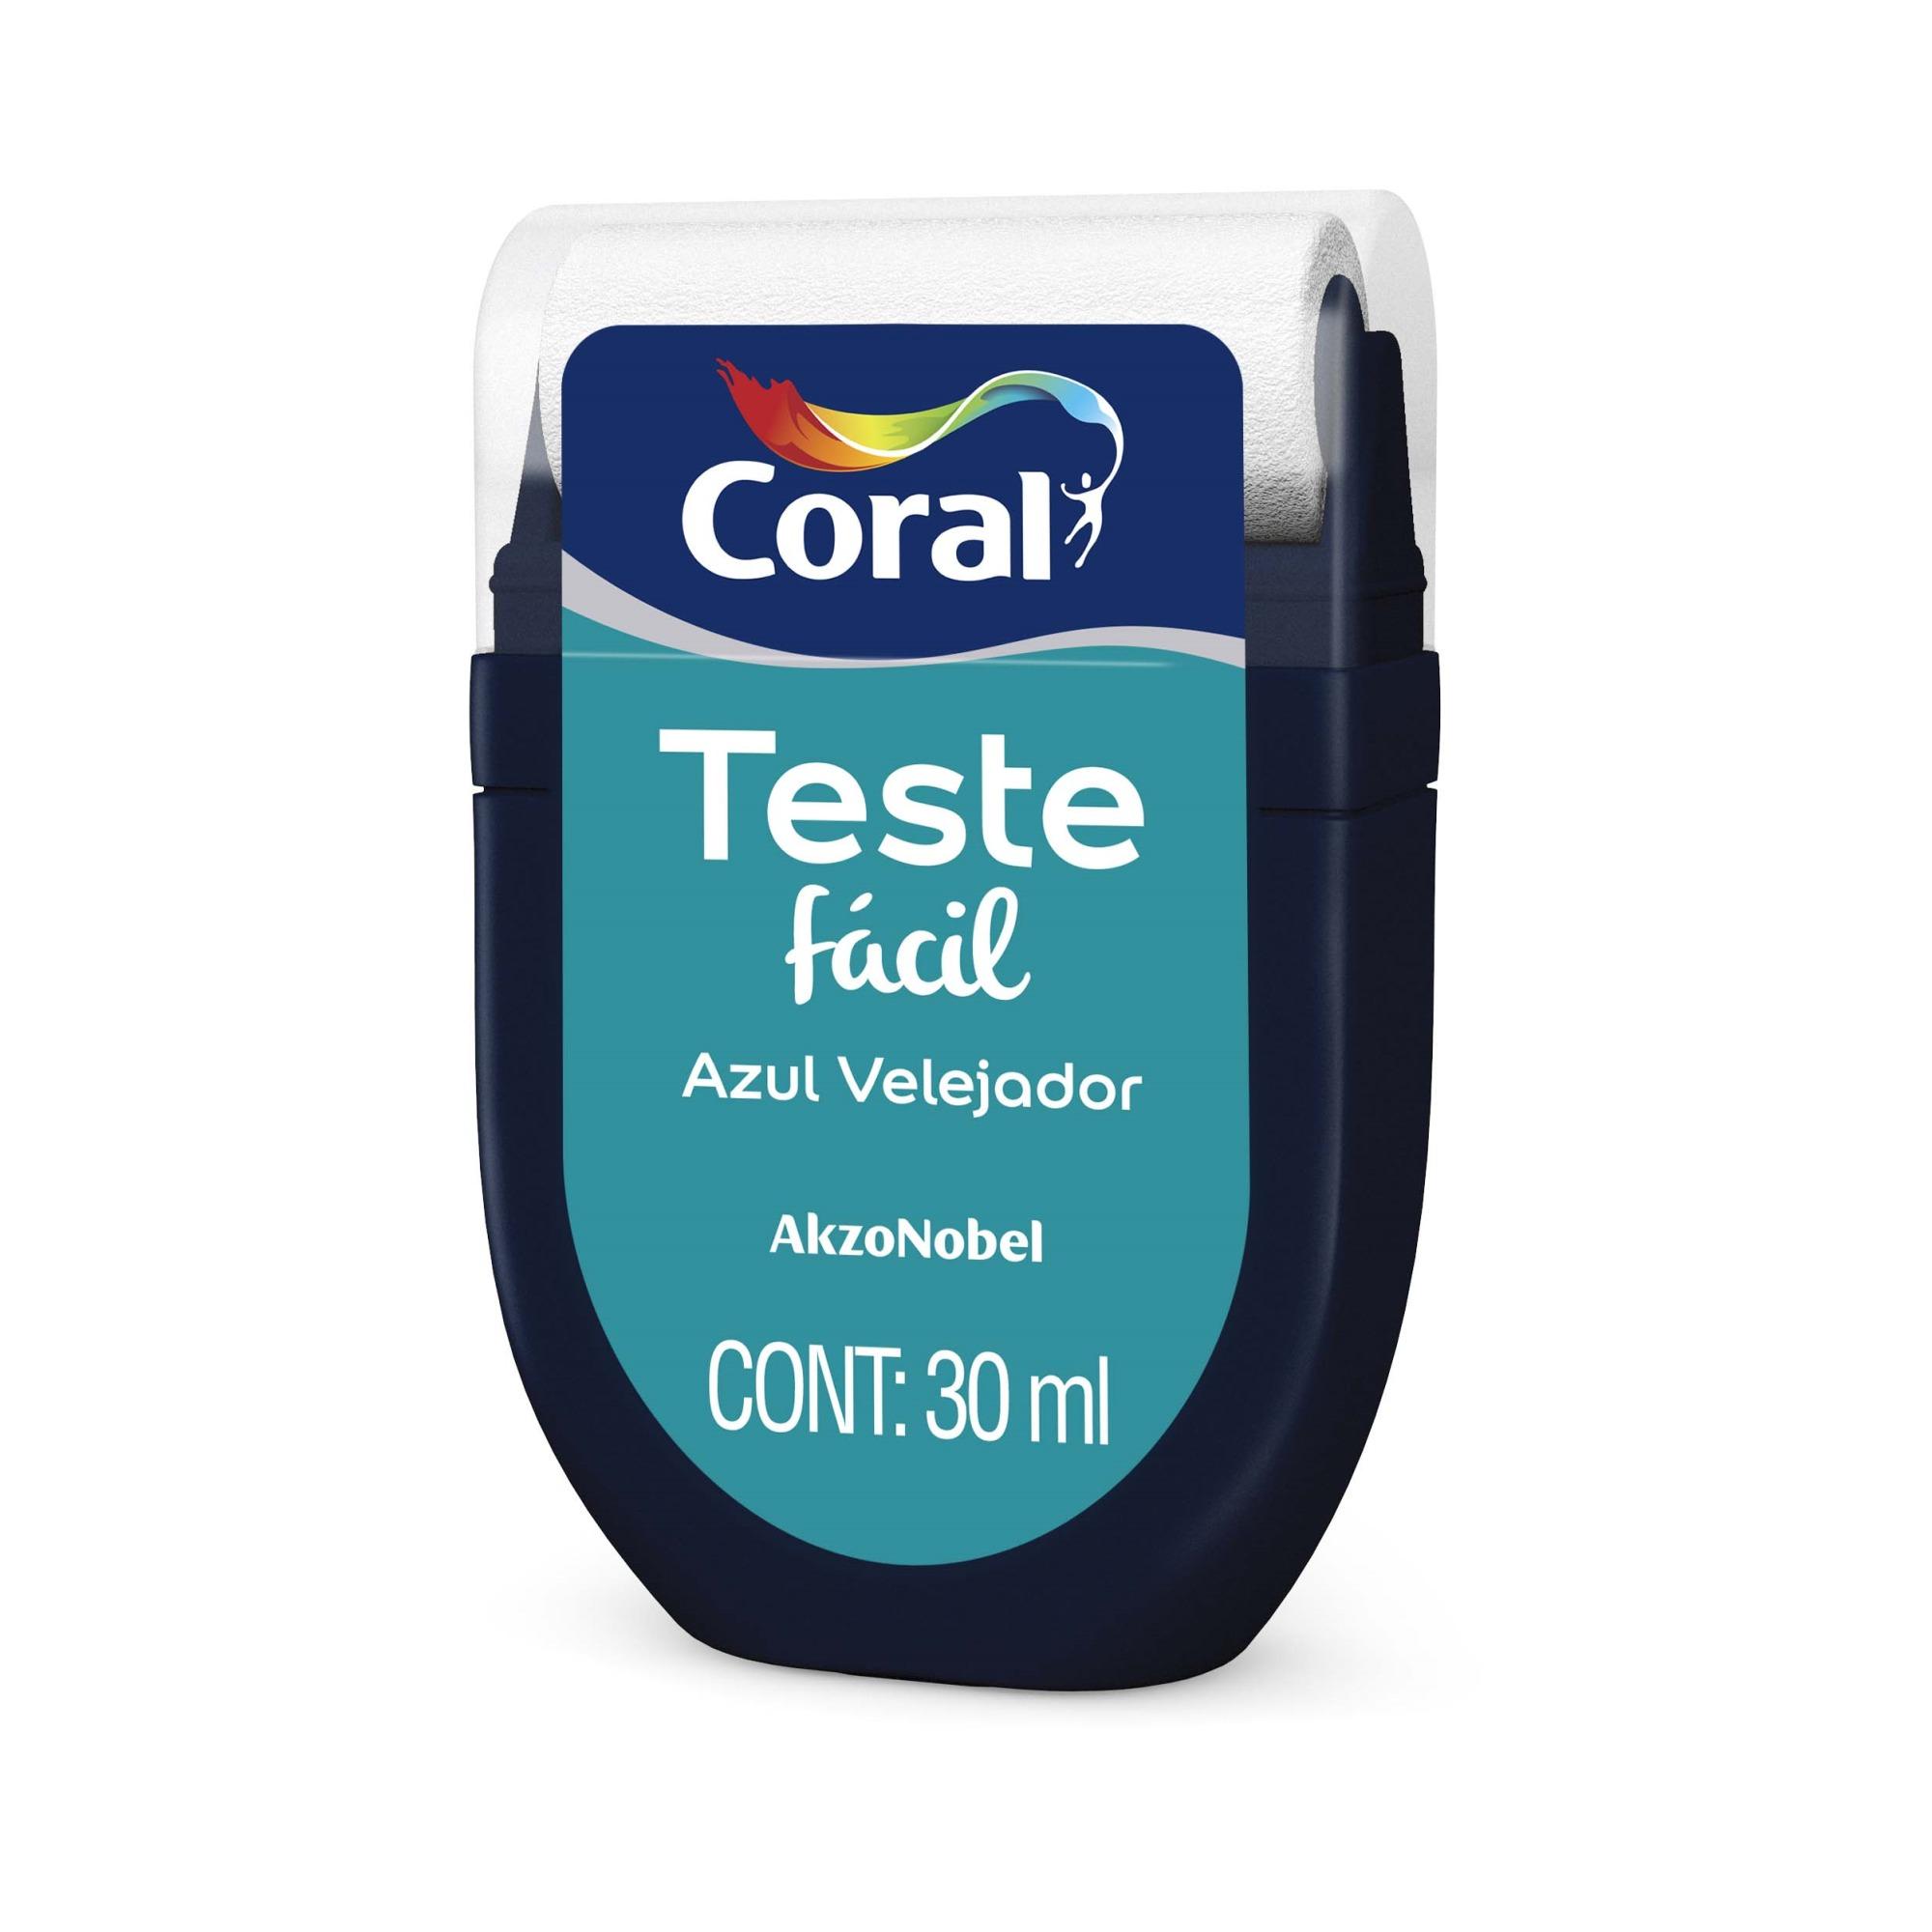 Teste Facil 30ml Azul Velejador - Coral